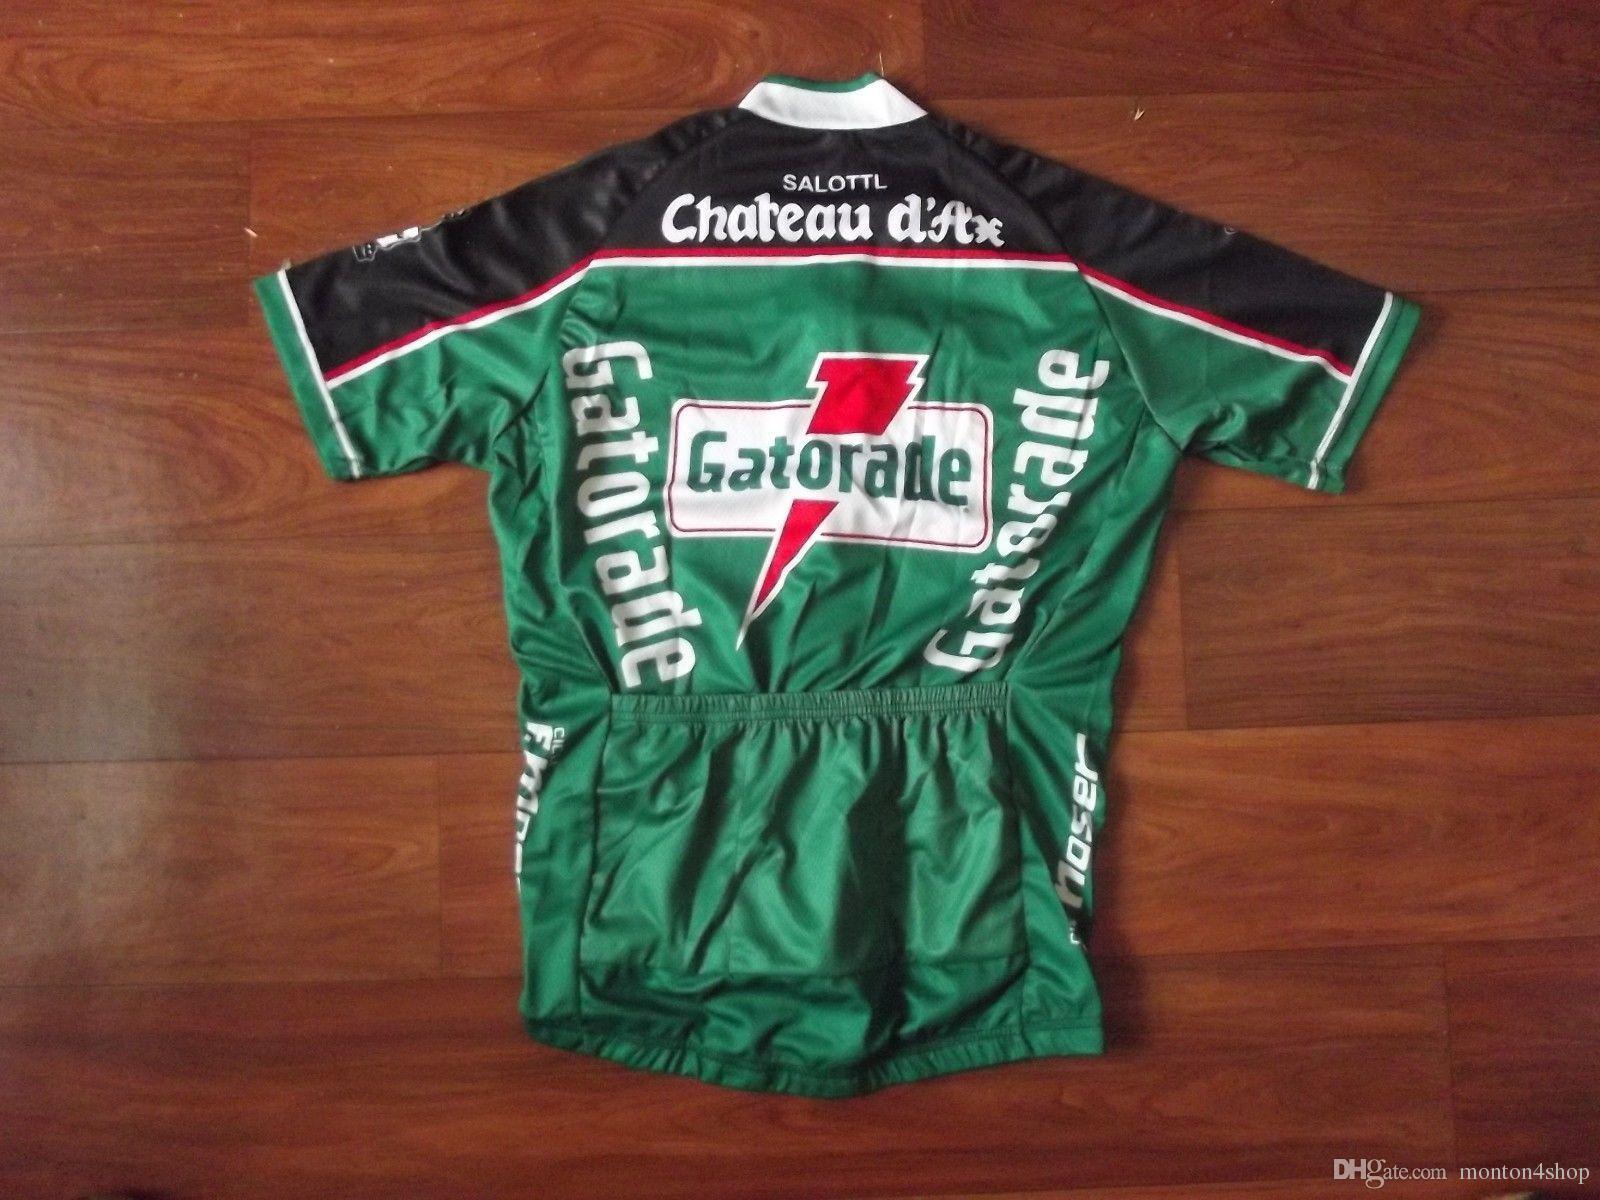 Chateau d'Axe Gatorade Mens Team Ropa Ciclismo Ciclismo Vestuário / MTB Roupas de bicicleta / Roupas de bicicleta / 2019 Ciclismo uniforme de ciclismo jerseys A59